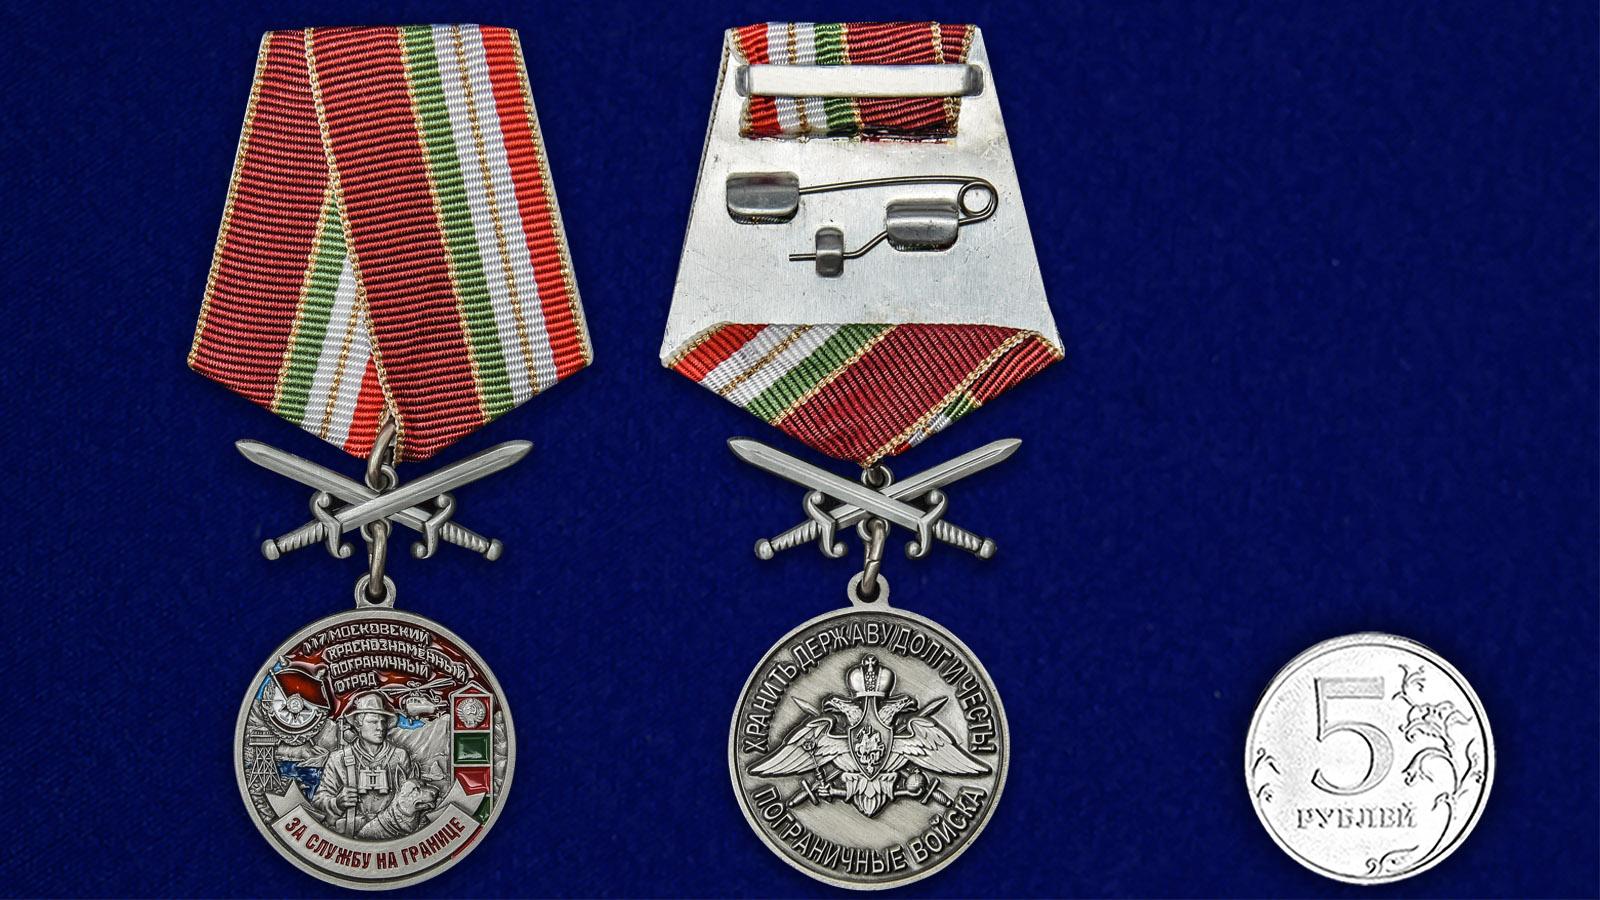 Памятная медаль За службу на границе (117 Московский ПогО) - сравнительный вид